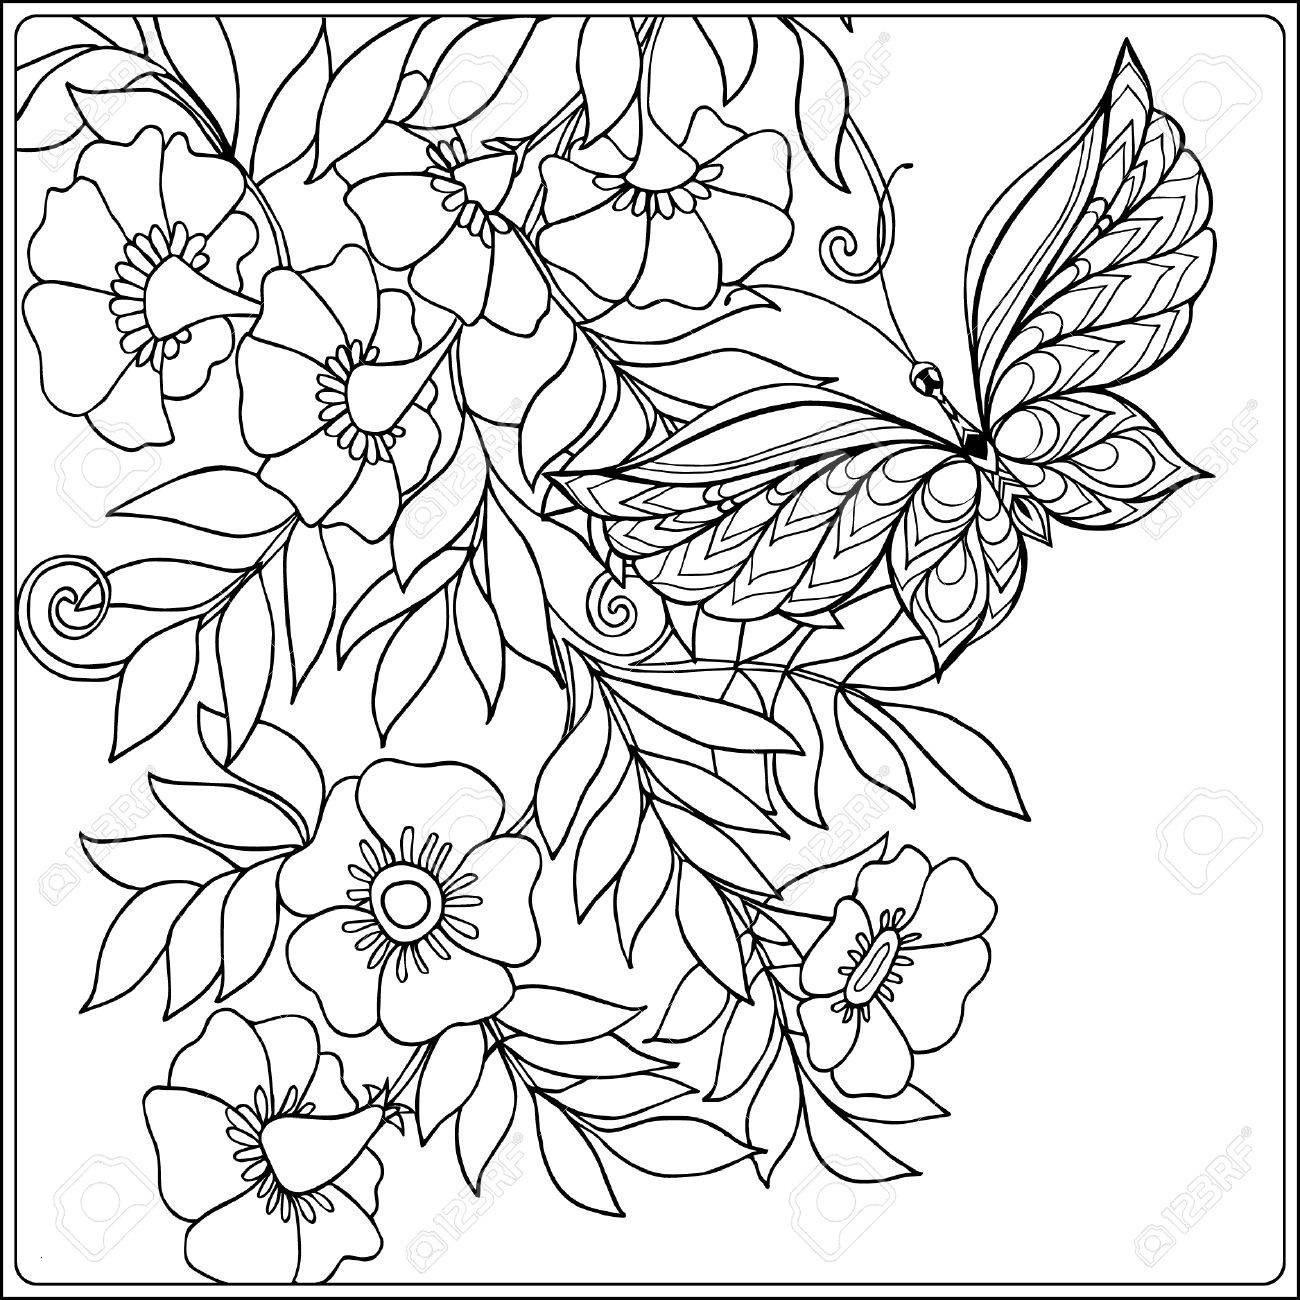 Schmetterling Mit Blume Zum Ausmalen Inspirierend 35 Malvorlagen Blumen Scoredatscore Elegant Ausmalbilder Fotografieren